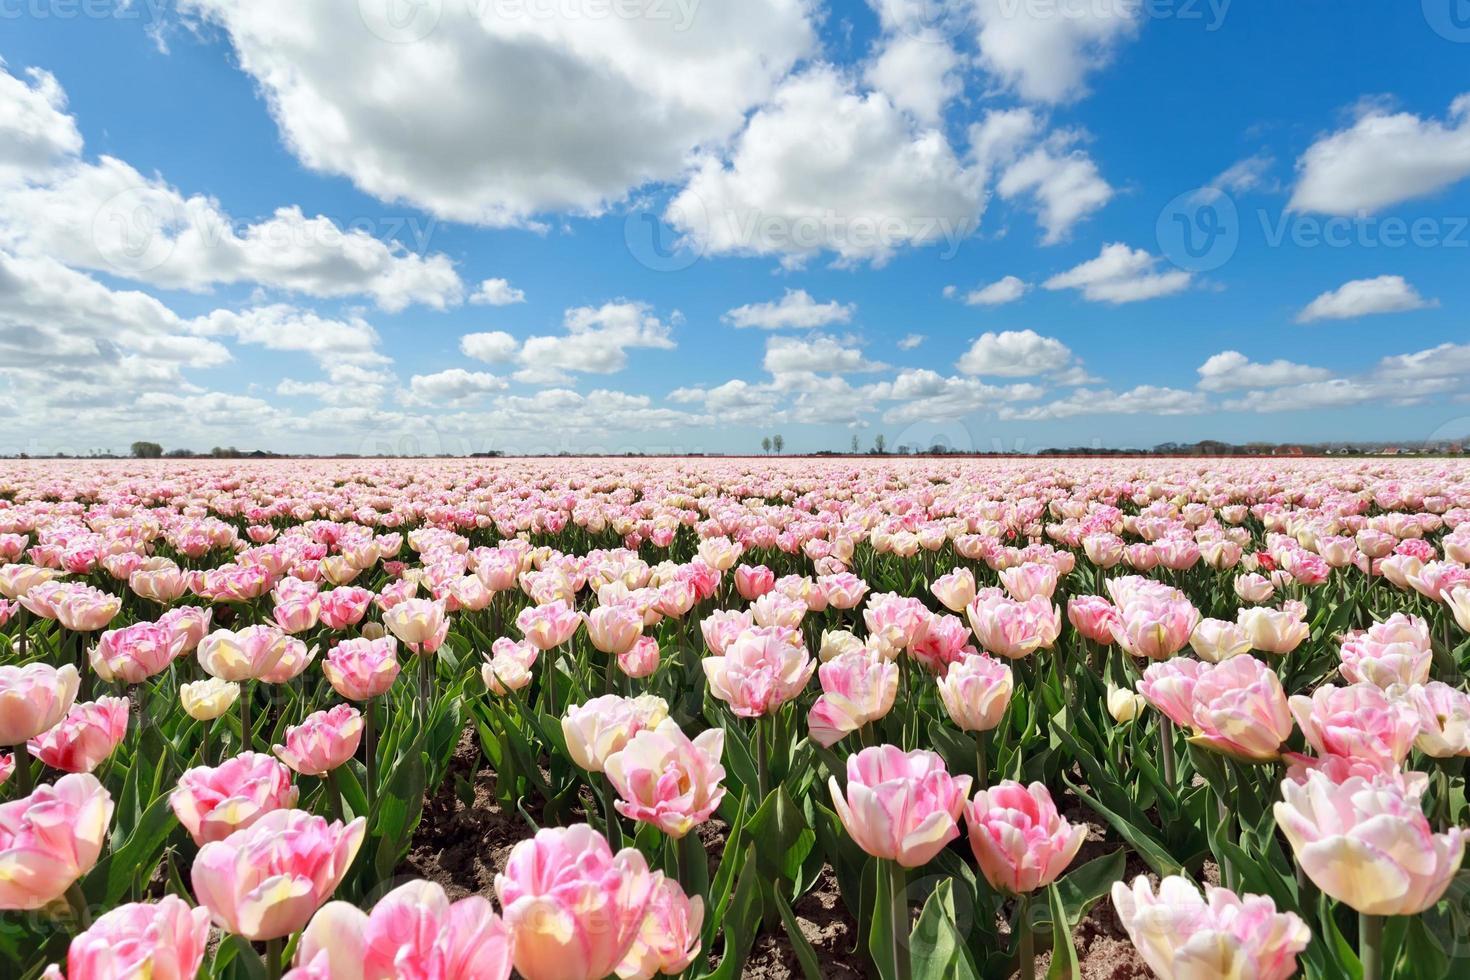 rosa tulpanfält och blå himmel foto